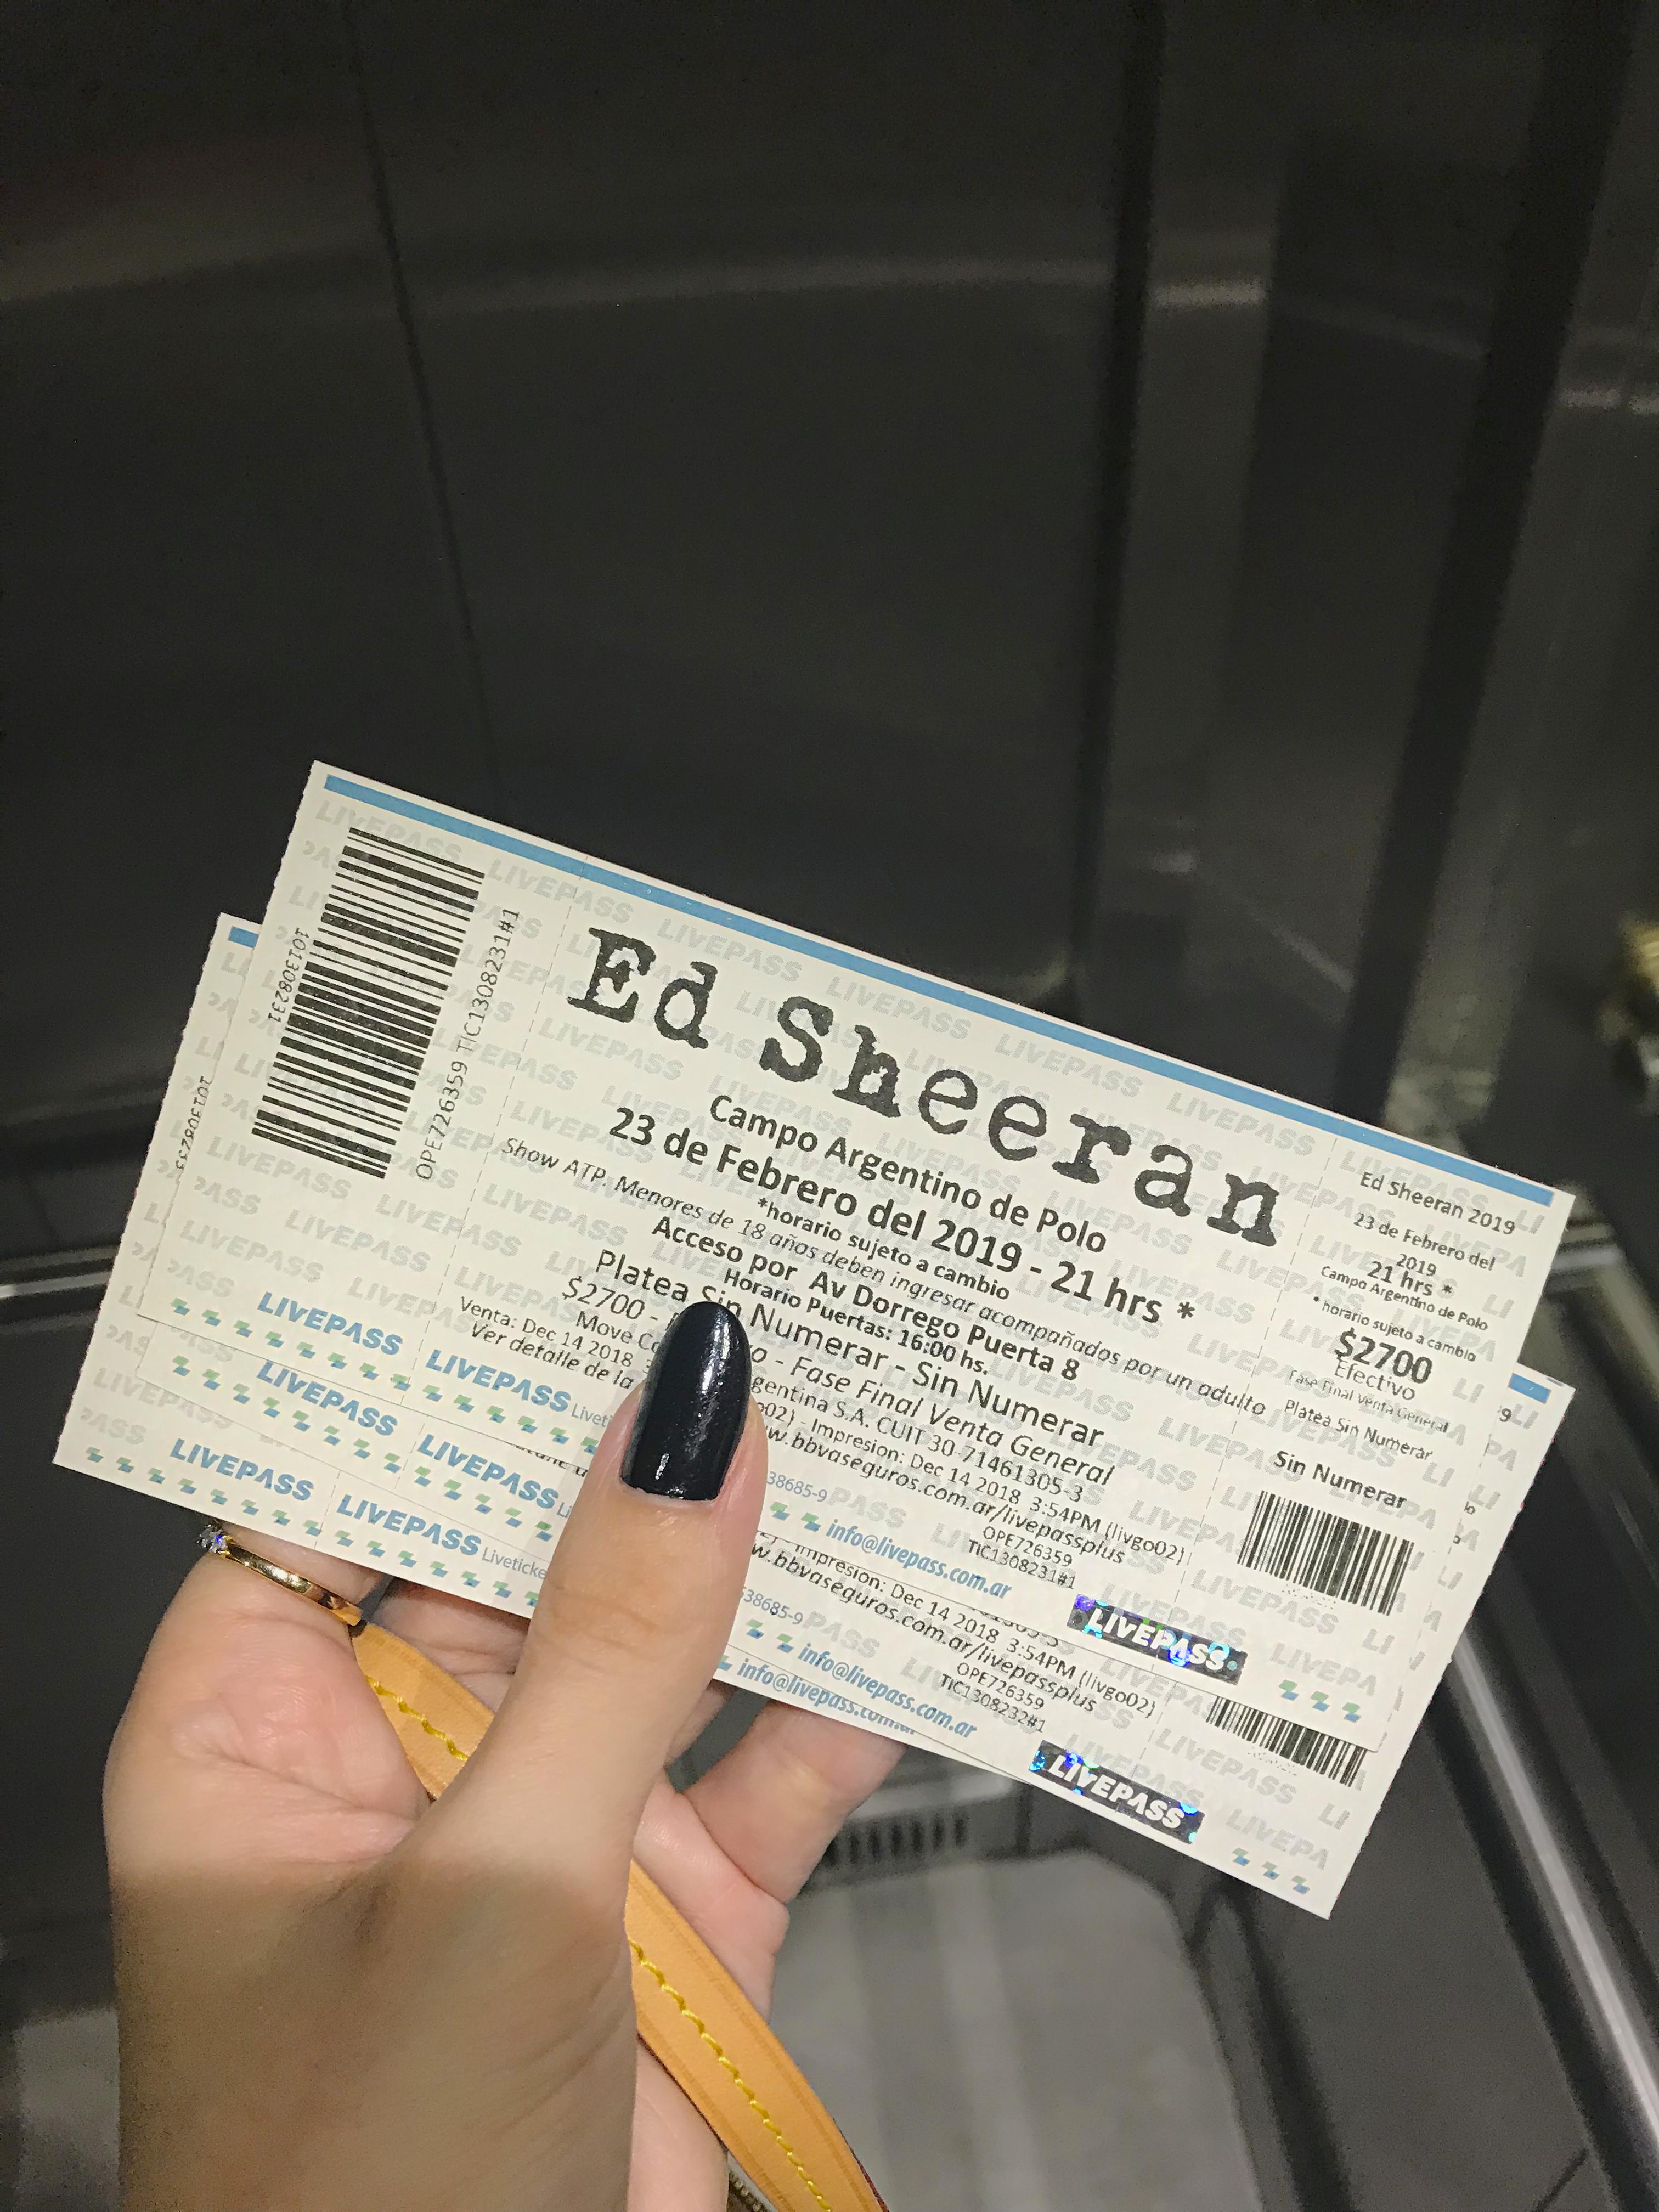 Mão com unhas pretas segurando bolsa e ingressos do show do Ed Sheeran dentro de um elevador.